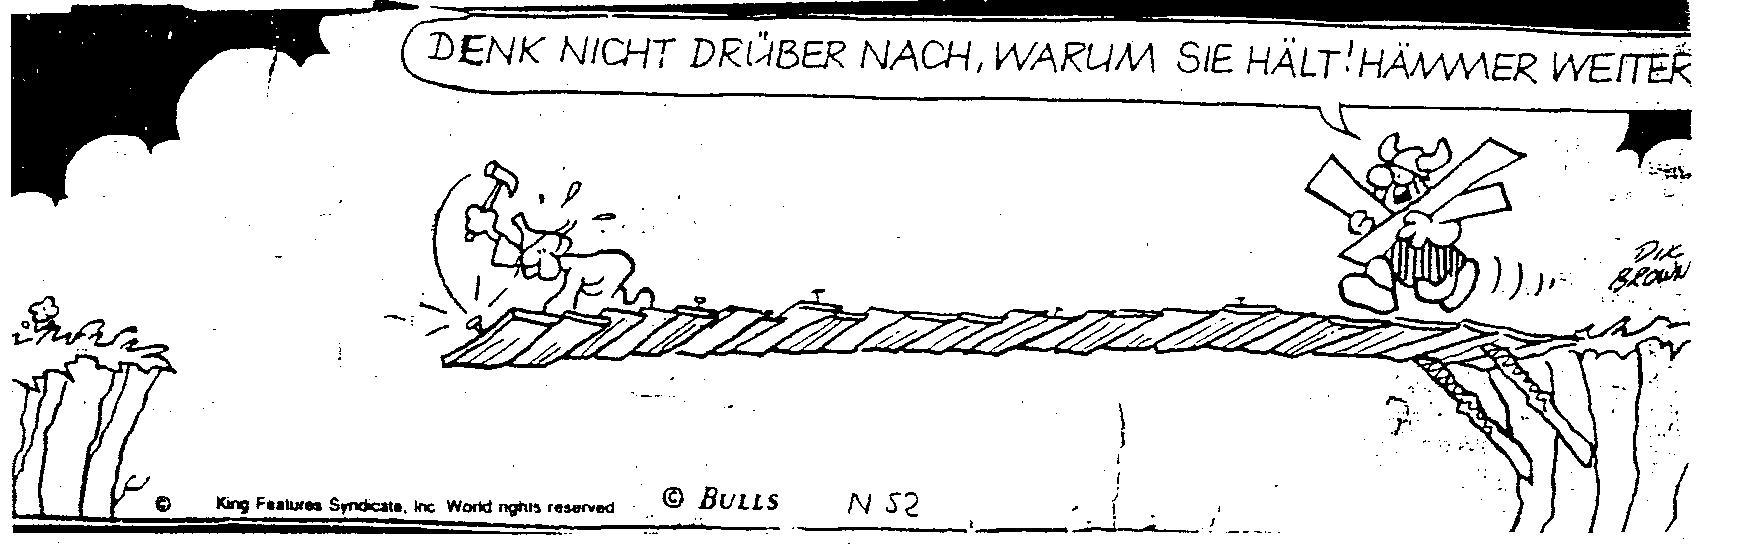 Klaus & Klaus - Die Friesische Nacht / Im Reisebüro